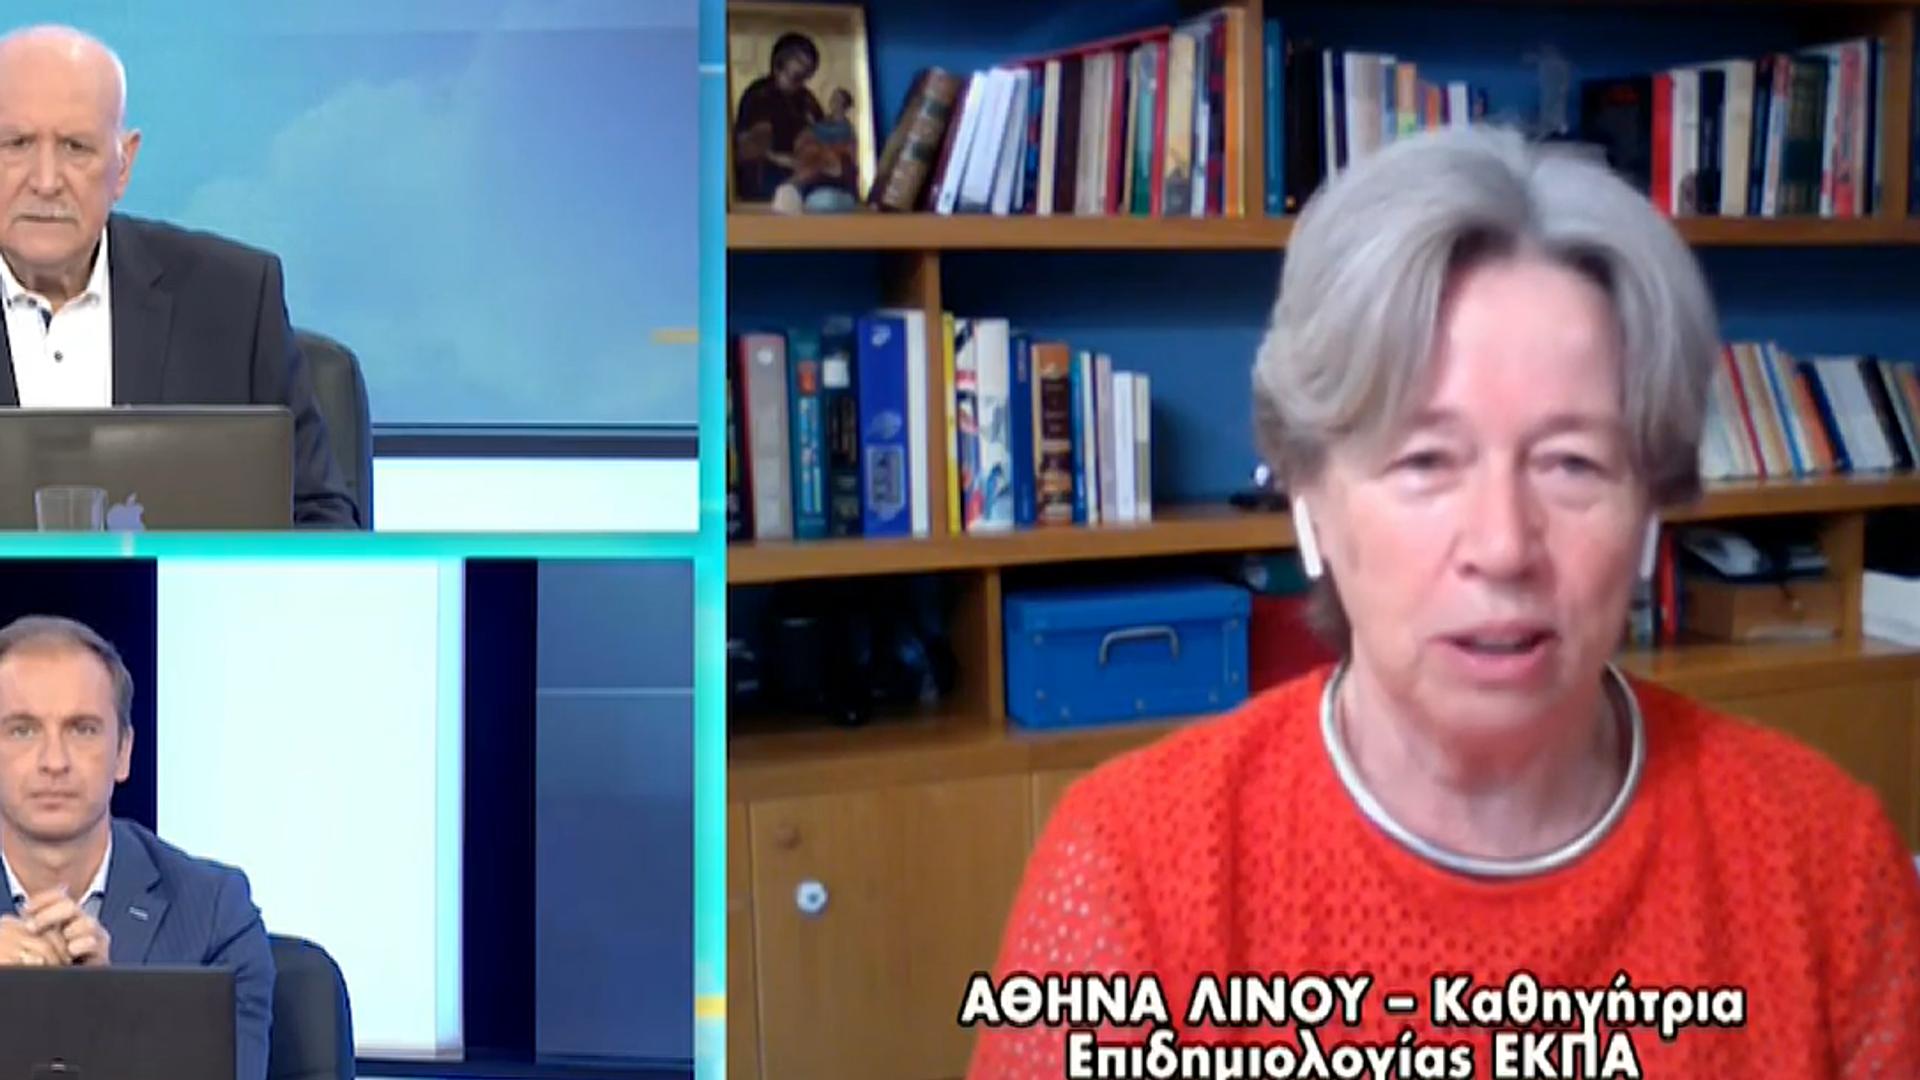 Λινού: Με 4 εκατομμύρια ανεμβολίαστους είναι σαν να είμαστε στην αρχή της πανδημίας